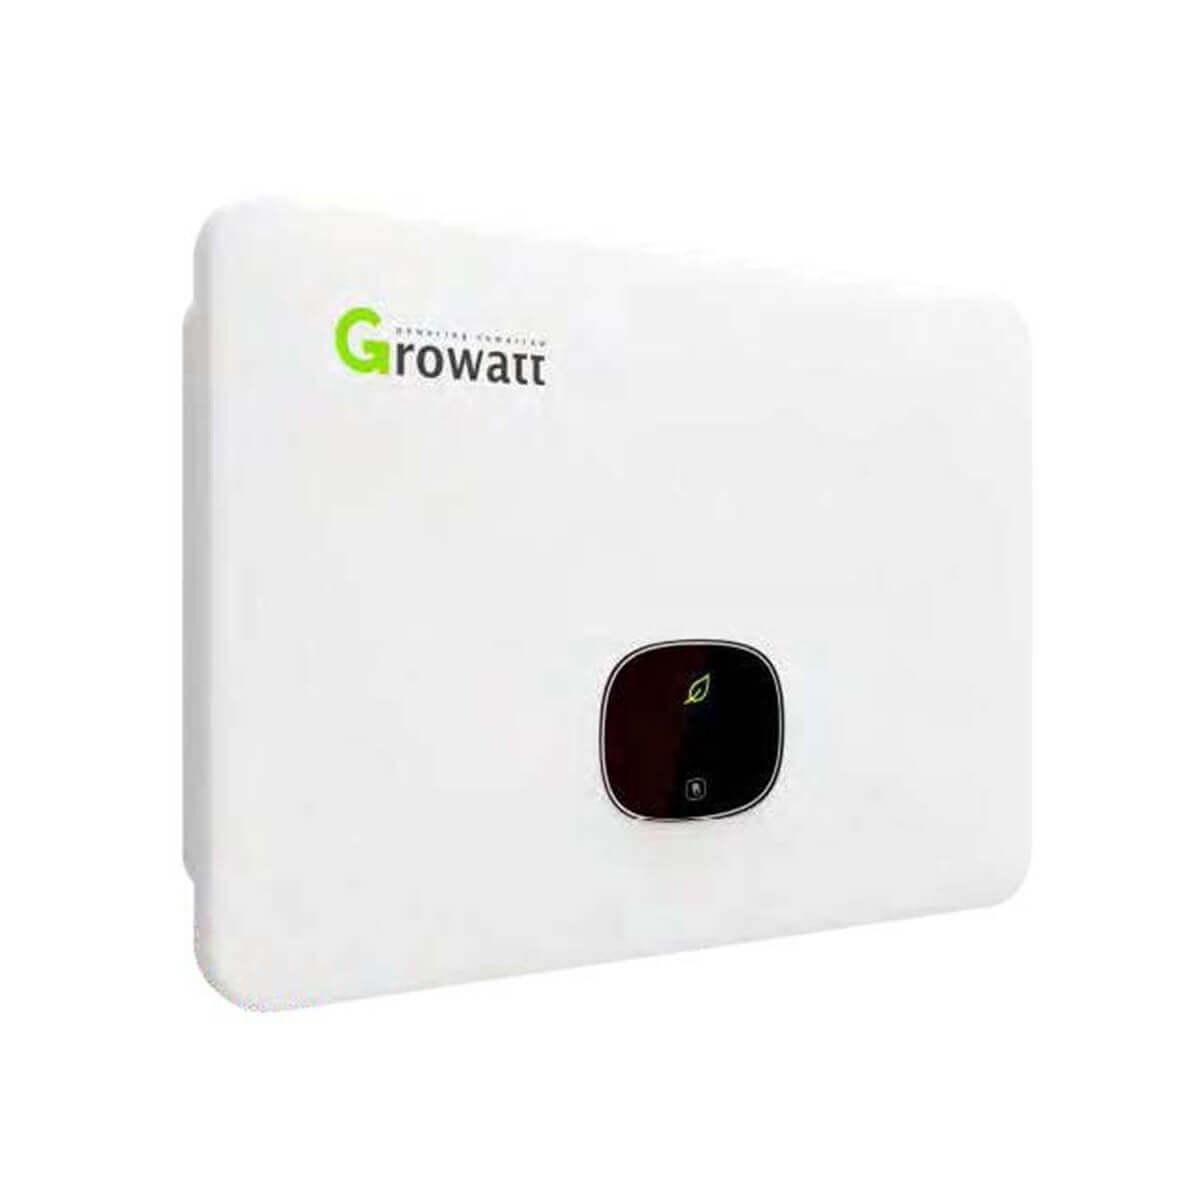 growatt 30kW inverter, growatt mid 30kW inverter, growatt mid 30ktl3-x inverter, growatt mid 30ktl3-x, growatt mid 30 kW